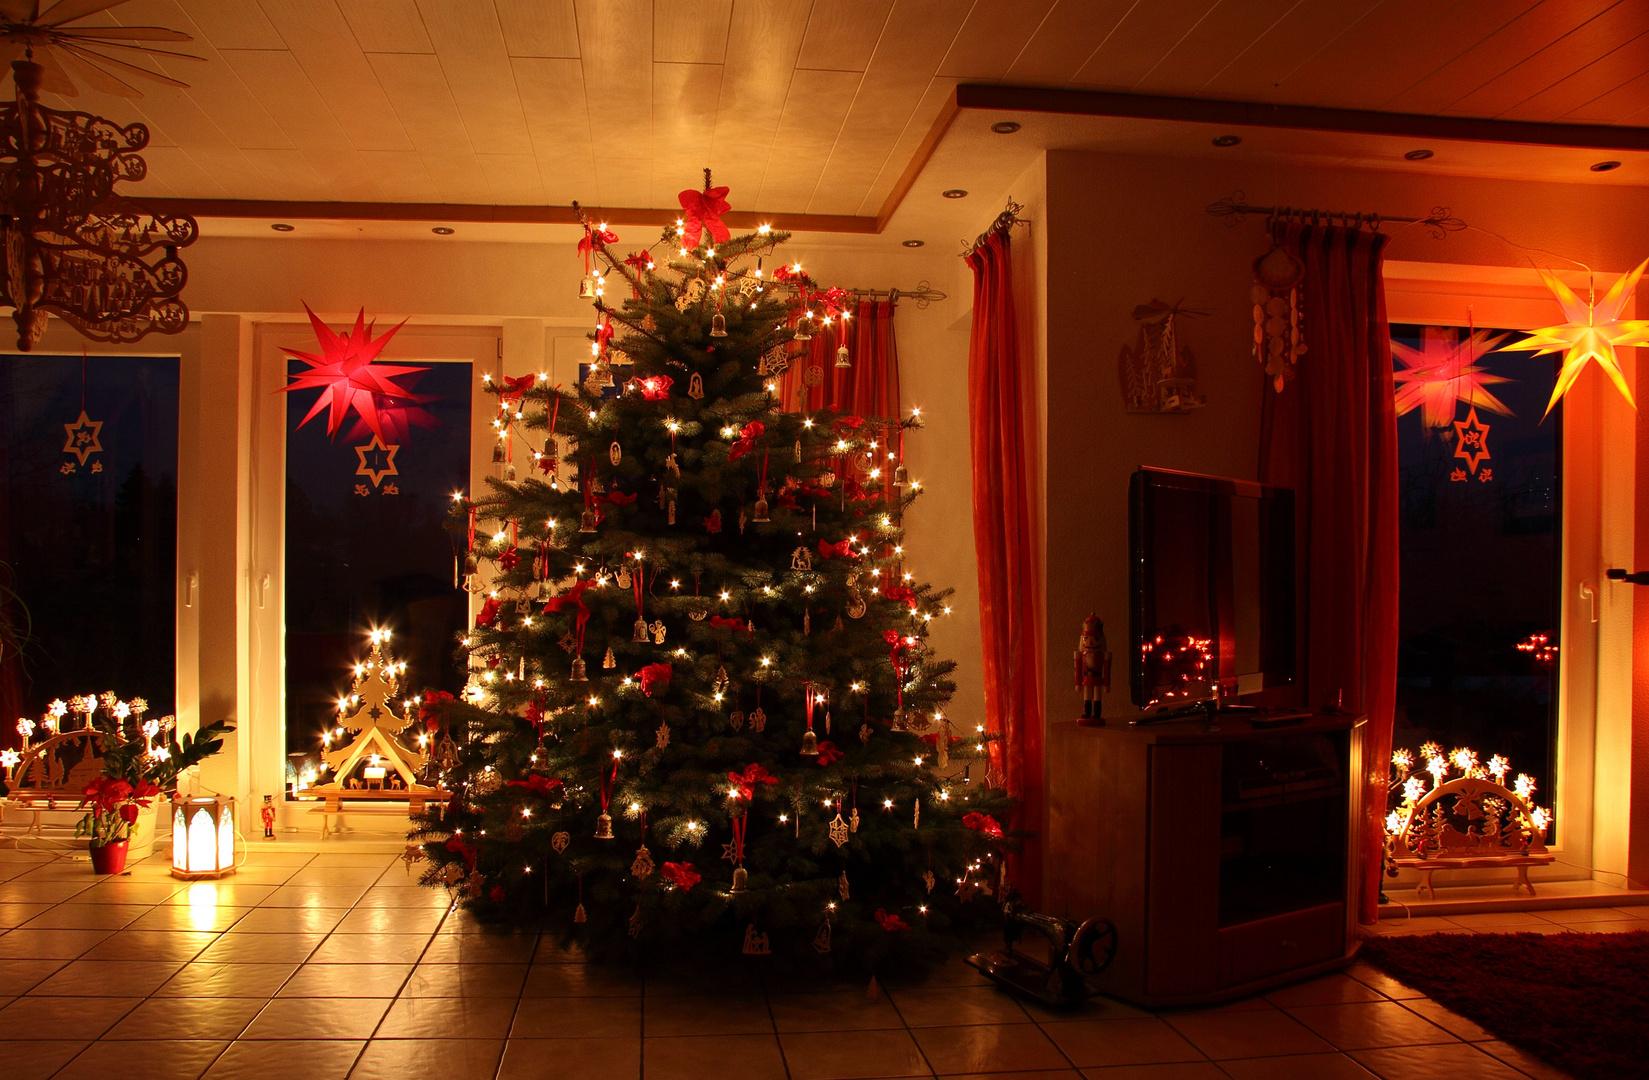 sch ne weihnachten foto bild gratulation und feiertage. Black Bedroom Furniture Sets. Home Design Ideas